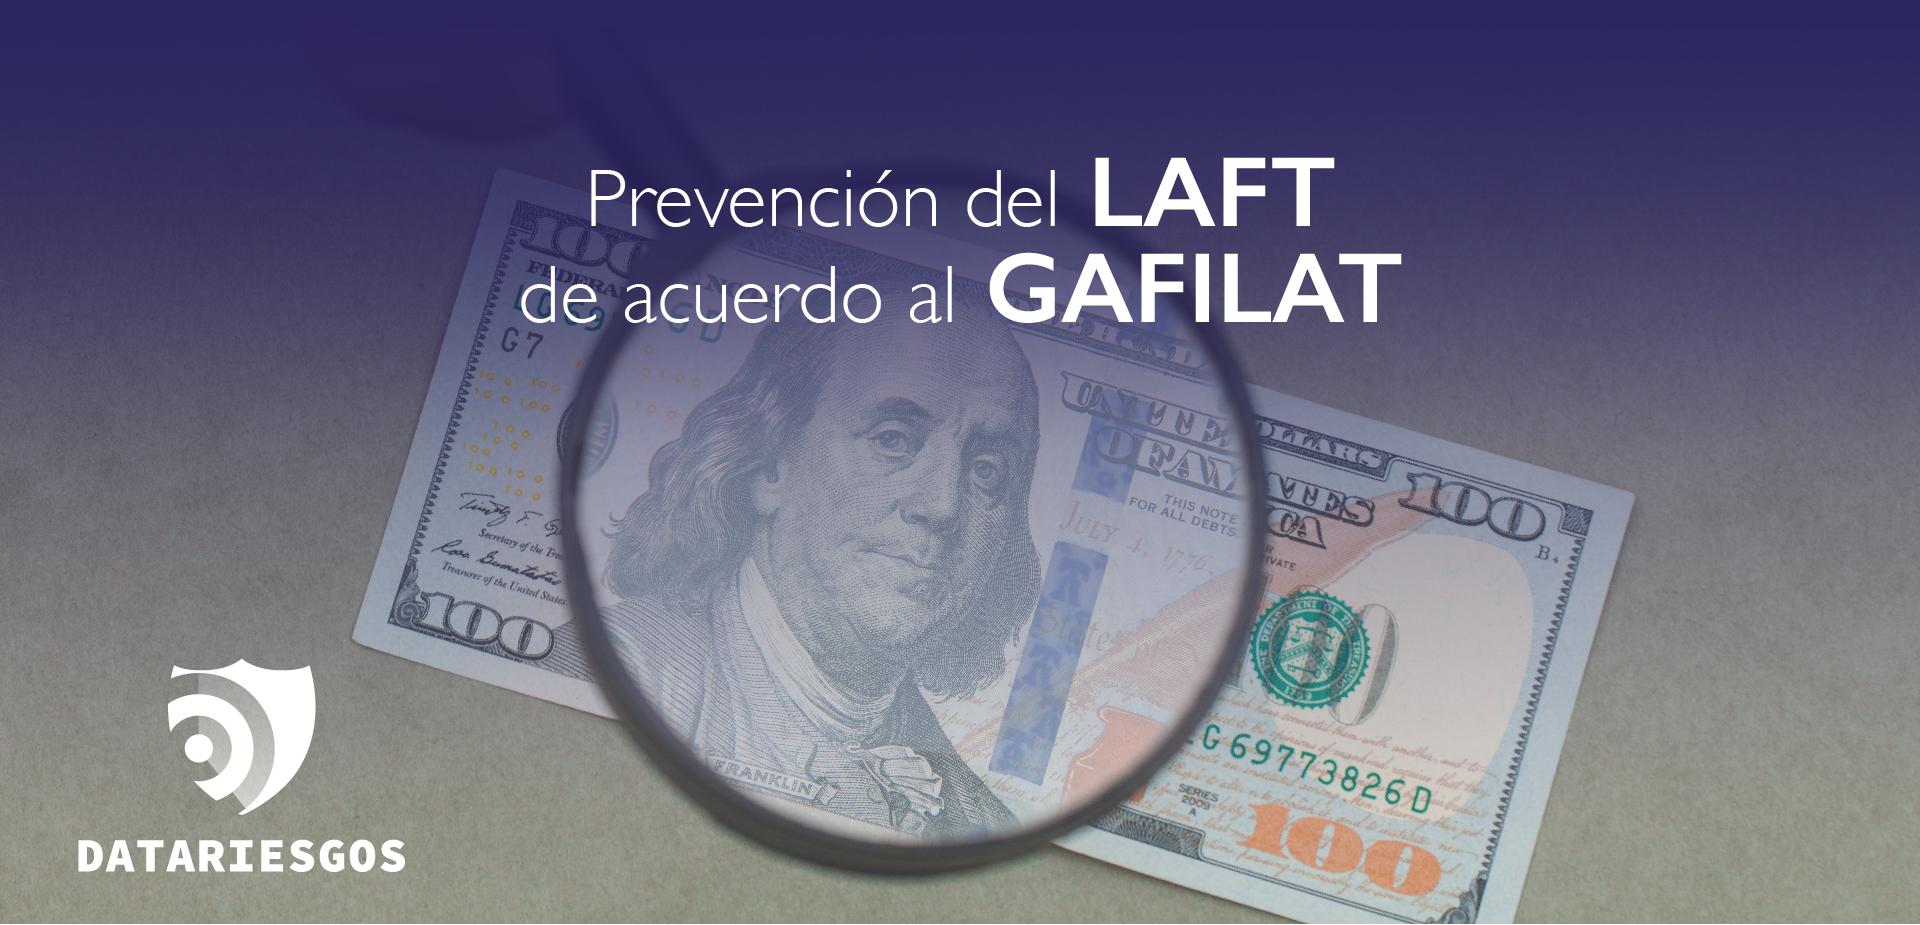 DataRiesgos, Prevención del LAFT de acuerdo al GAFILAT